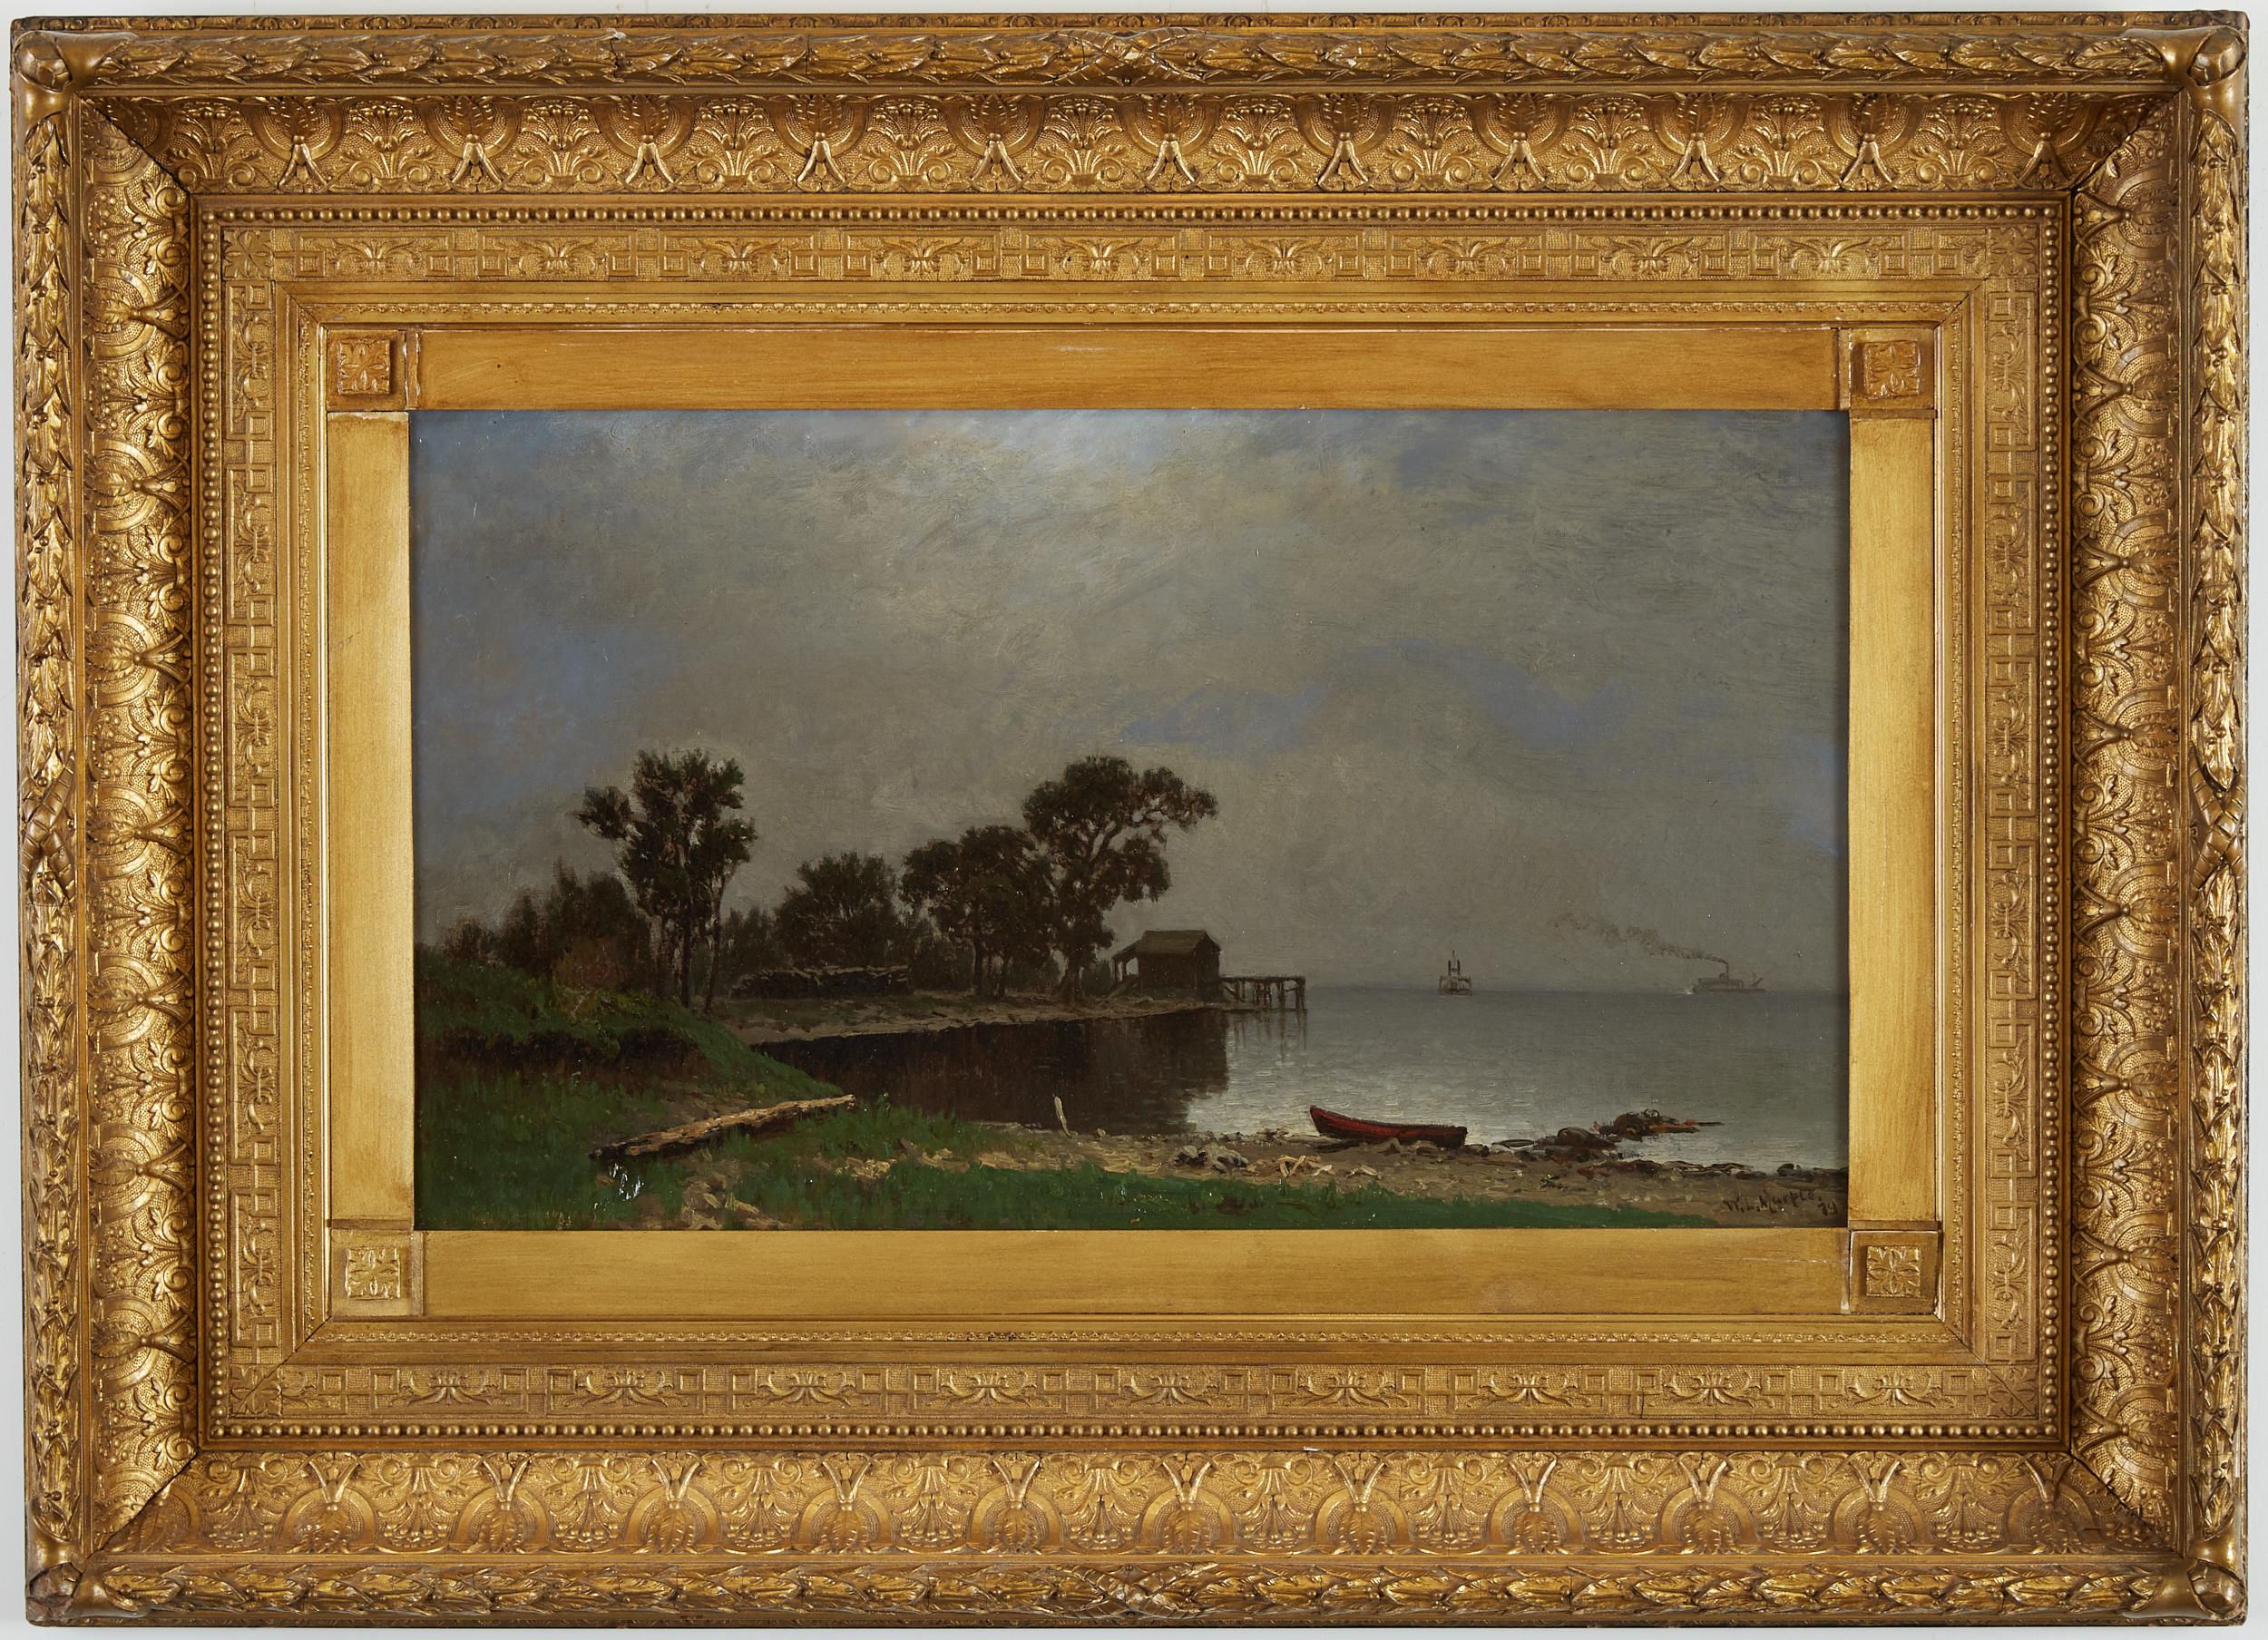 Lot 19 - William Marple 19th c. Lake Pepin Minnesota Oil Painting